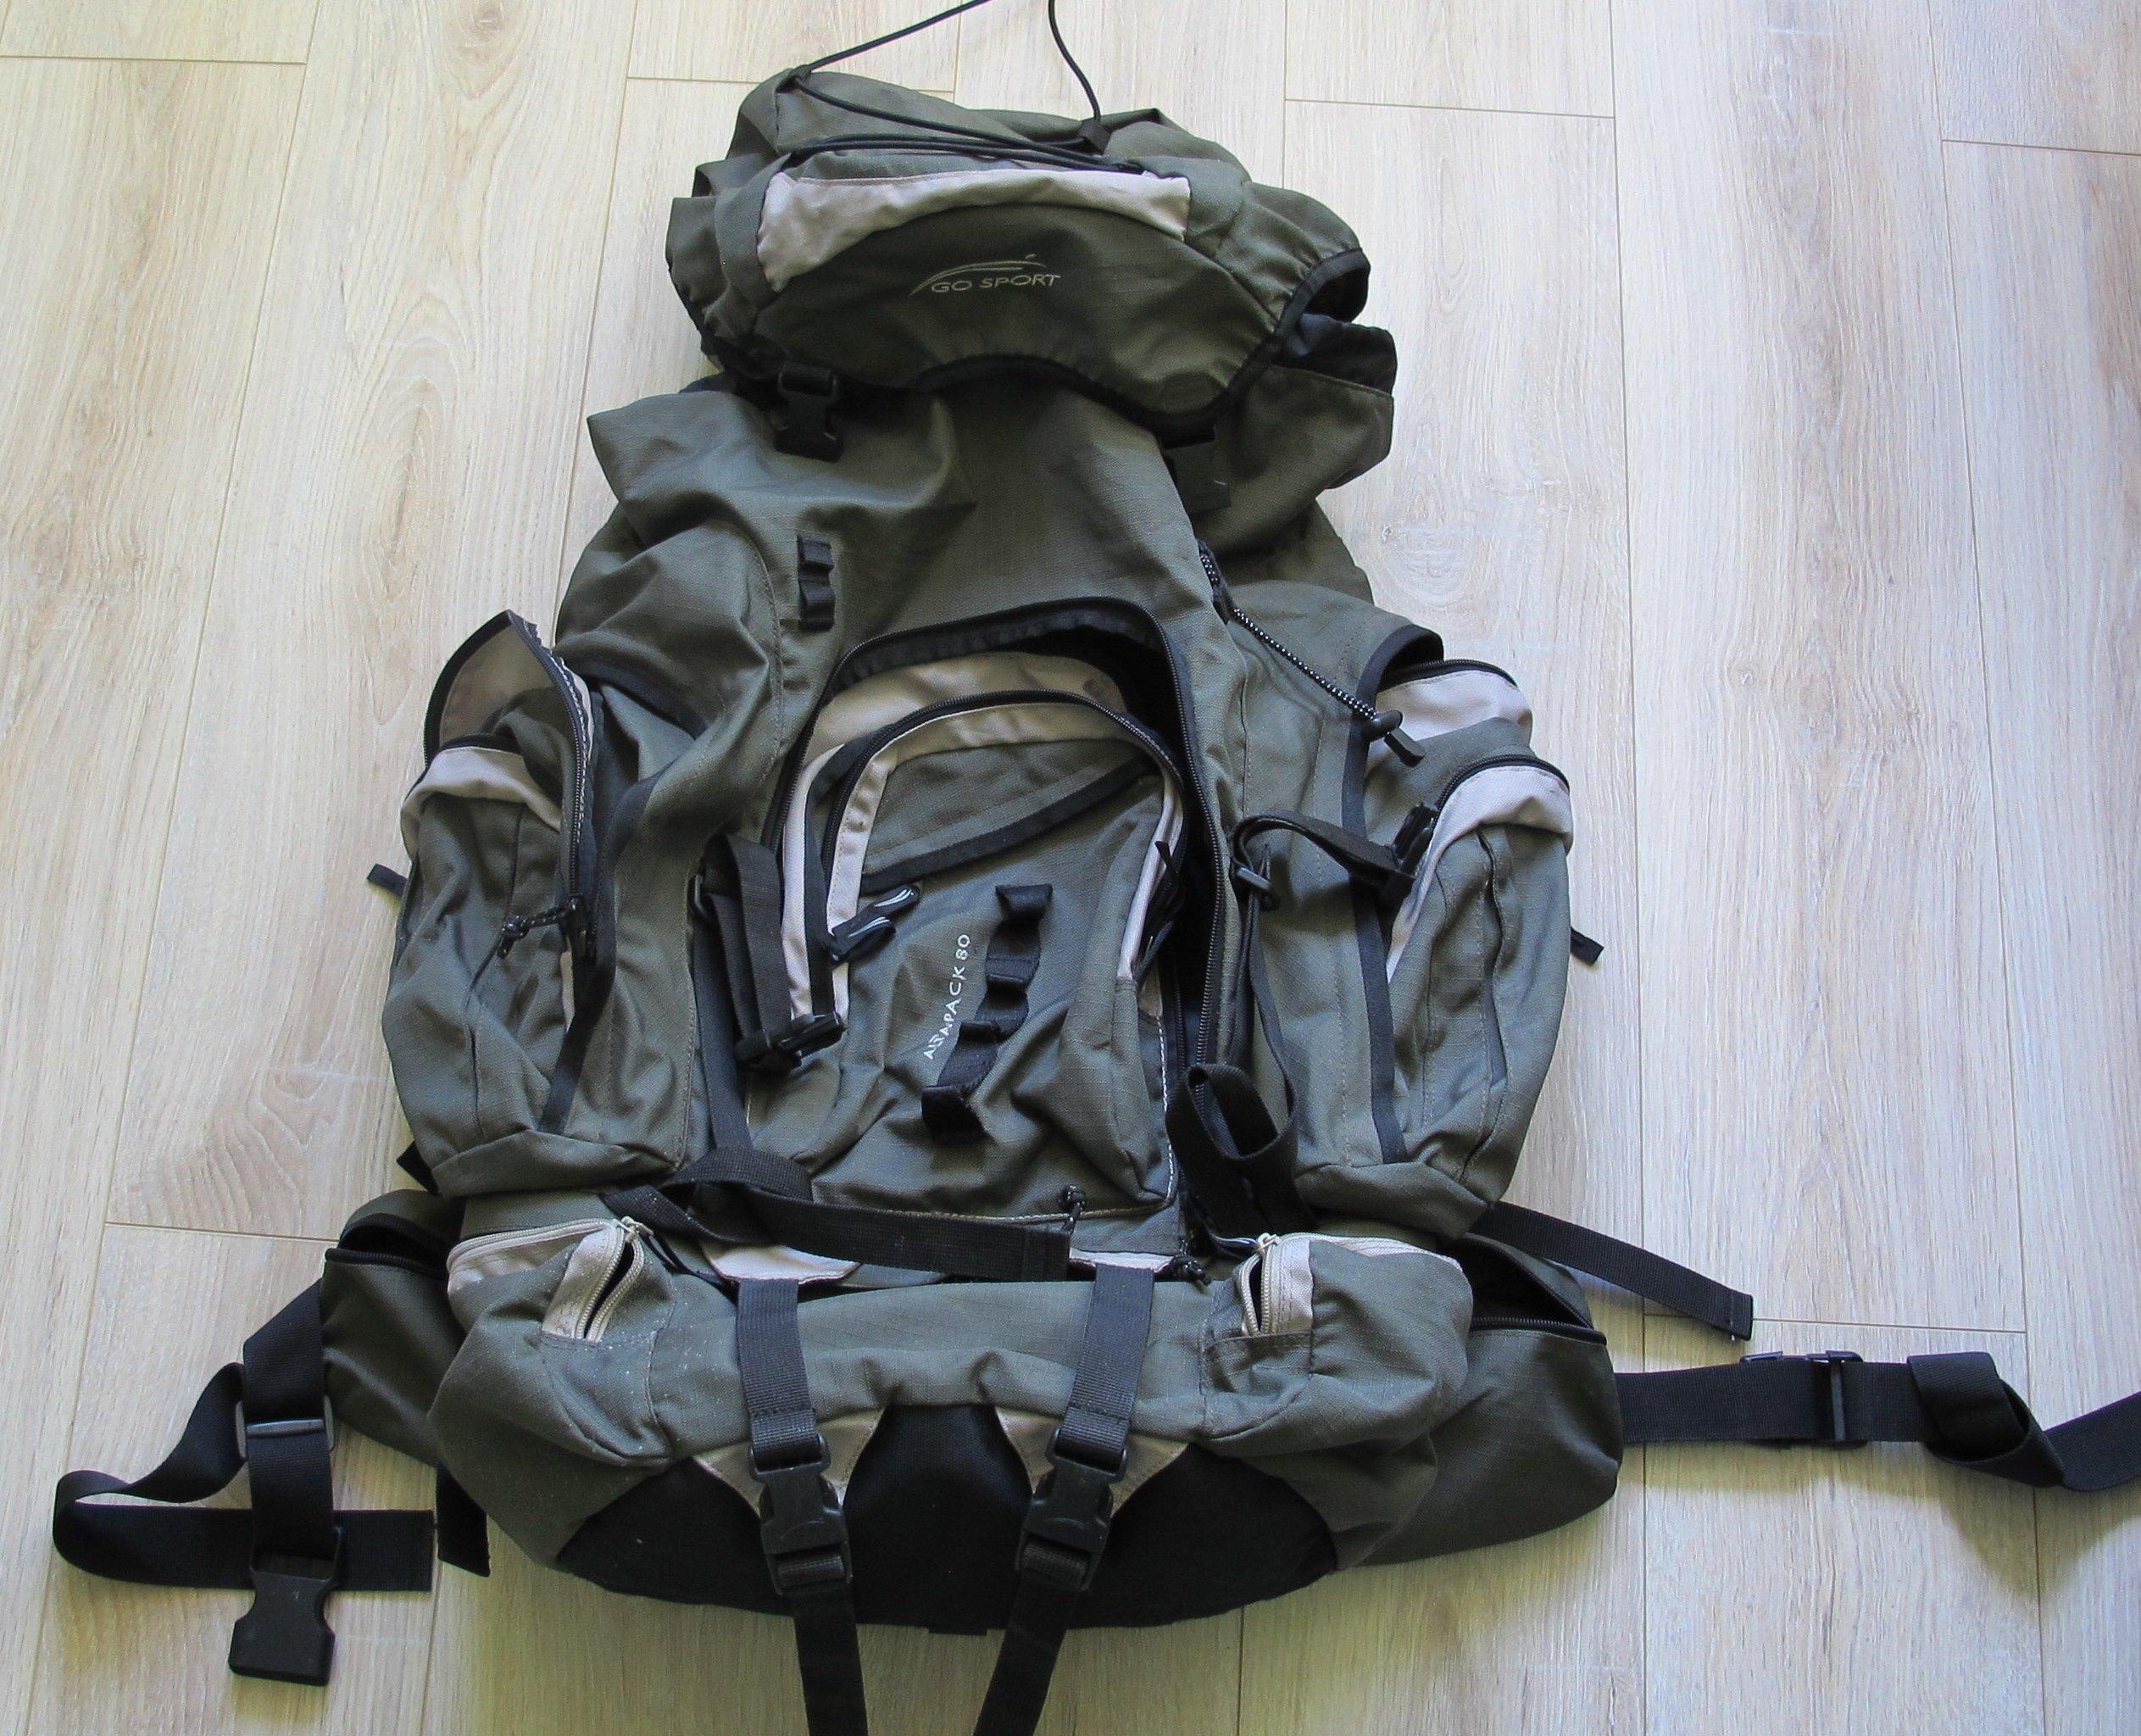 f2e82ab26dc80 Plecaki Outhorn Hi-Tec Używany w Oficjalnym Archiwum Allegro - archiwum  ofert